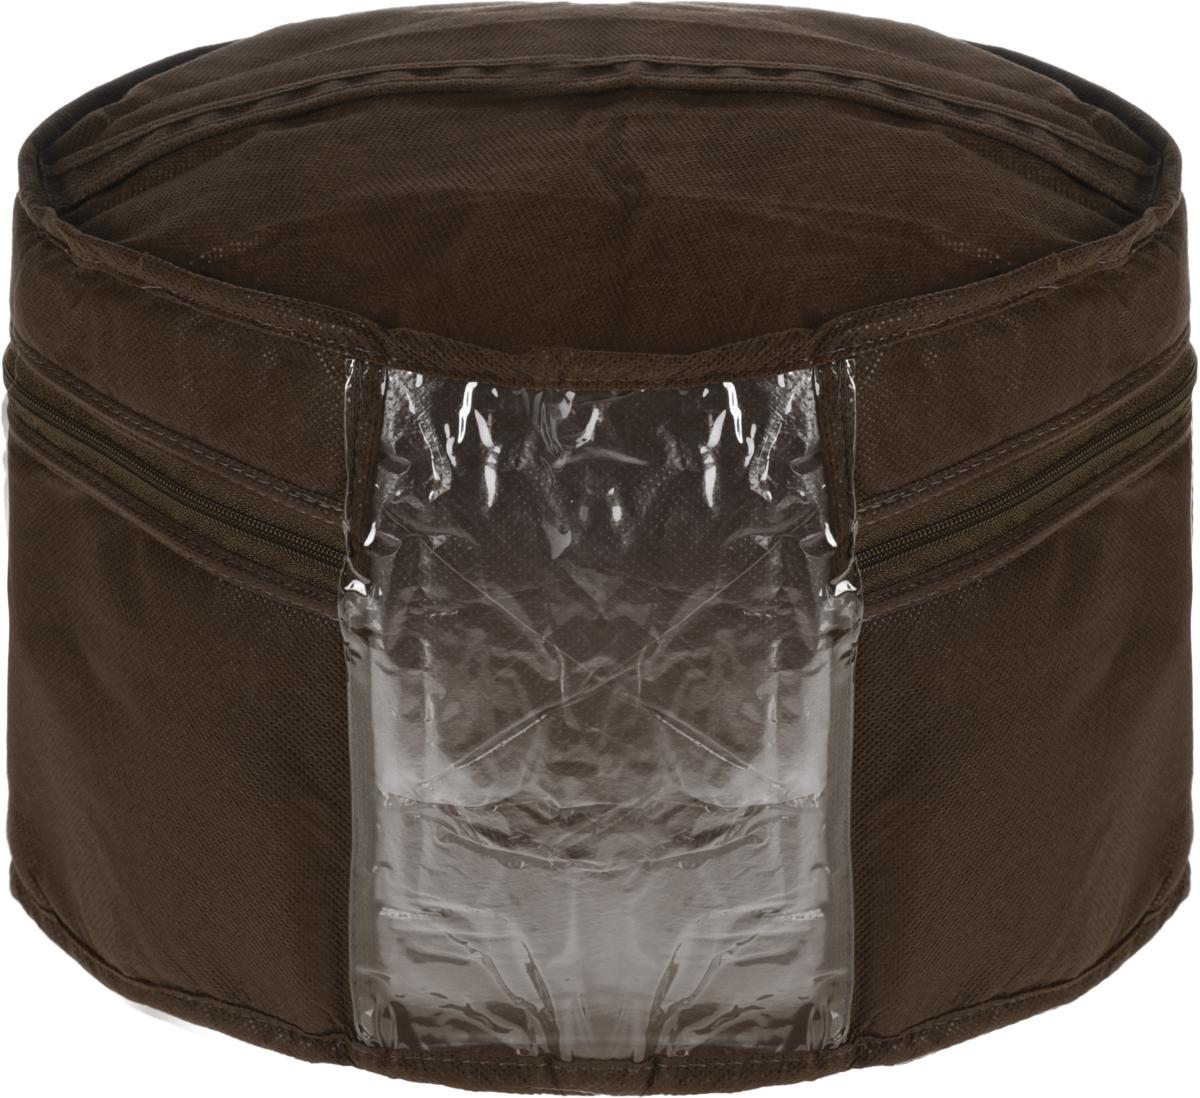 Кофр для головных уборов Все на местах Minimalistic, цвет: темно-коричневый, 35 х 20 см1015006.Кофр для головных уборов Все на местах Minimalistic изготовлен из сочетания спанбонда и ПВХ. Дышащая ткань позволяет вещам проветриваться, но препятствует проникновению пыли и насекомых. В стенках уплотнитель, что позволяет кофру держать форму. Прозрачная вставка из ПВХ позволяет видеть, чтовнутри. Модель снабжена удобной ручкой и надежной молнией. Размеры: 35 х 20 см.